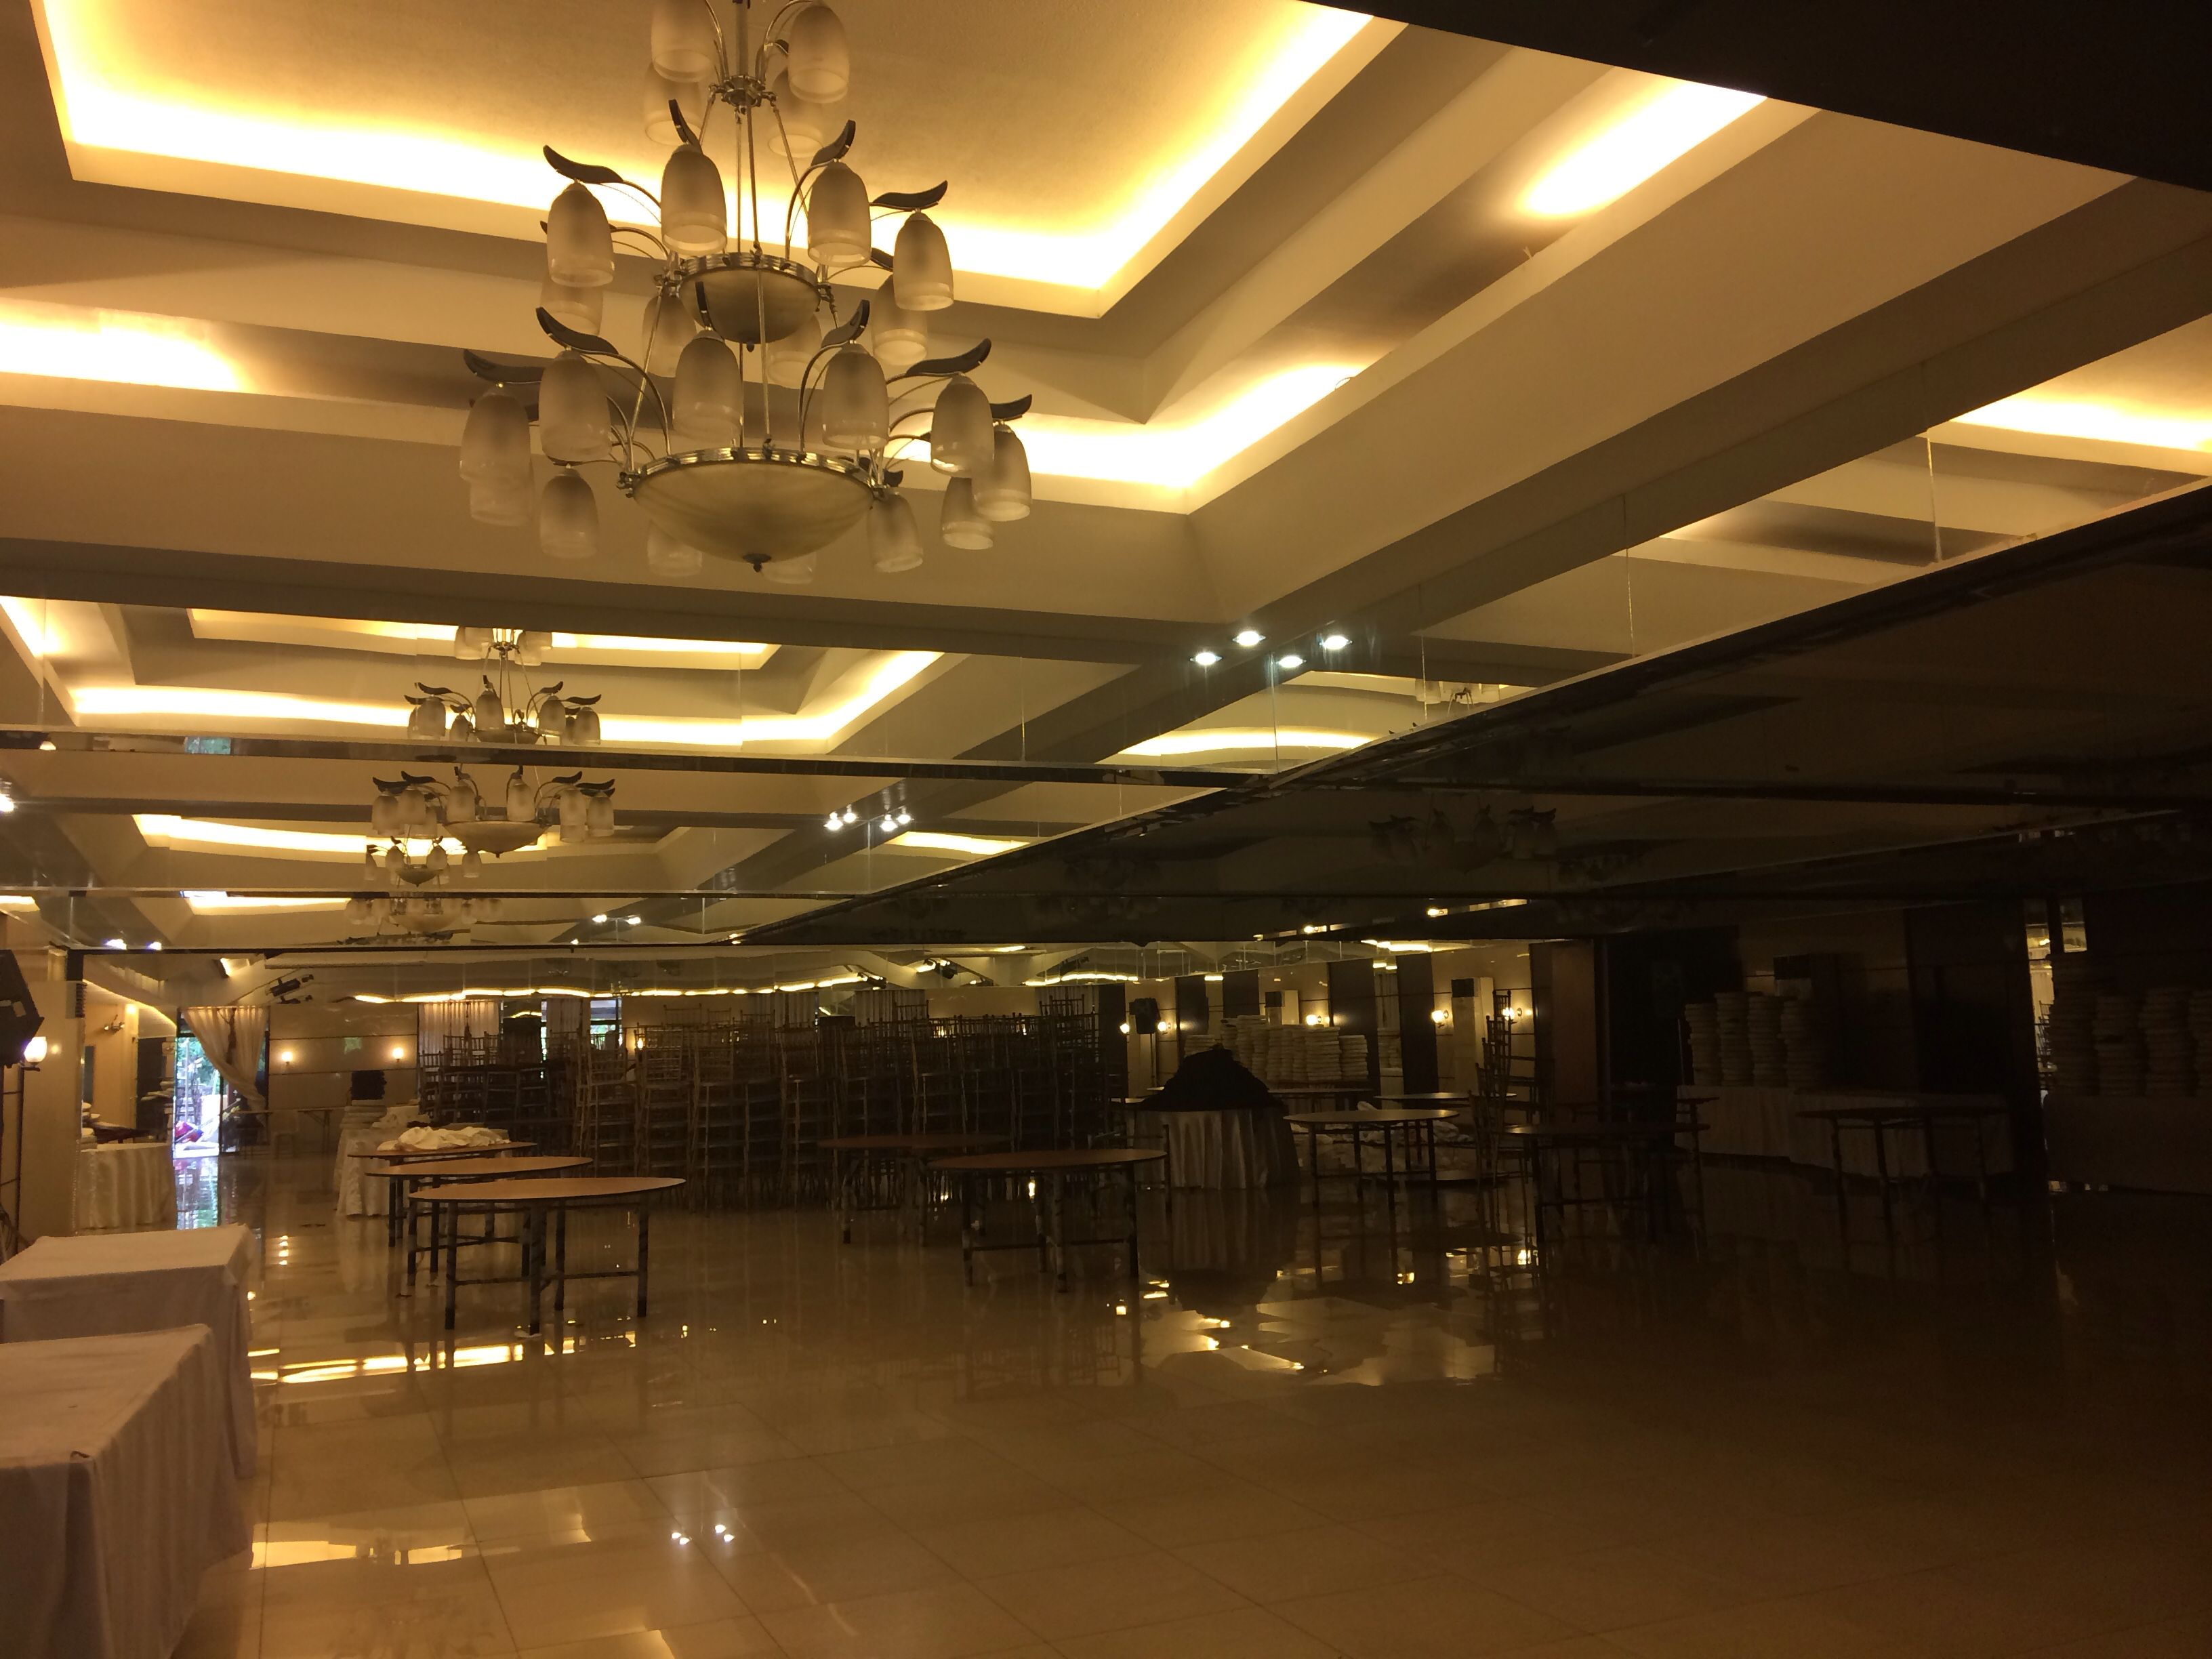 Qc Sports Club Quezon Hall